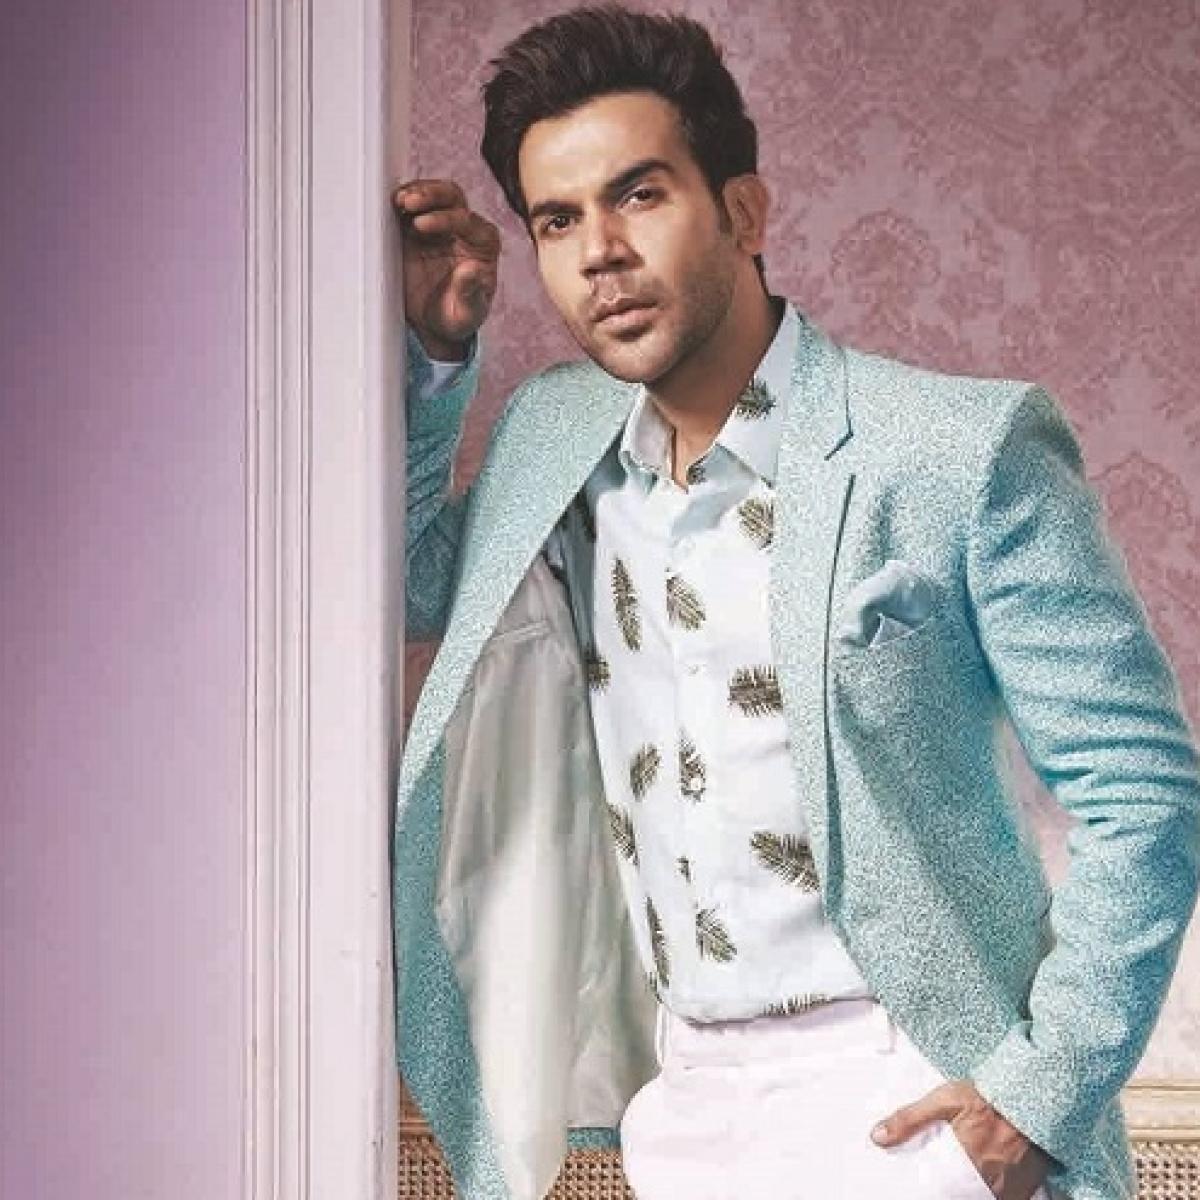 Rajkummar Rao bats for OTT releases of movies